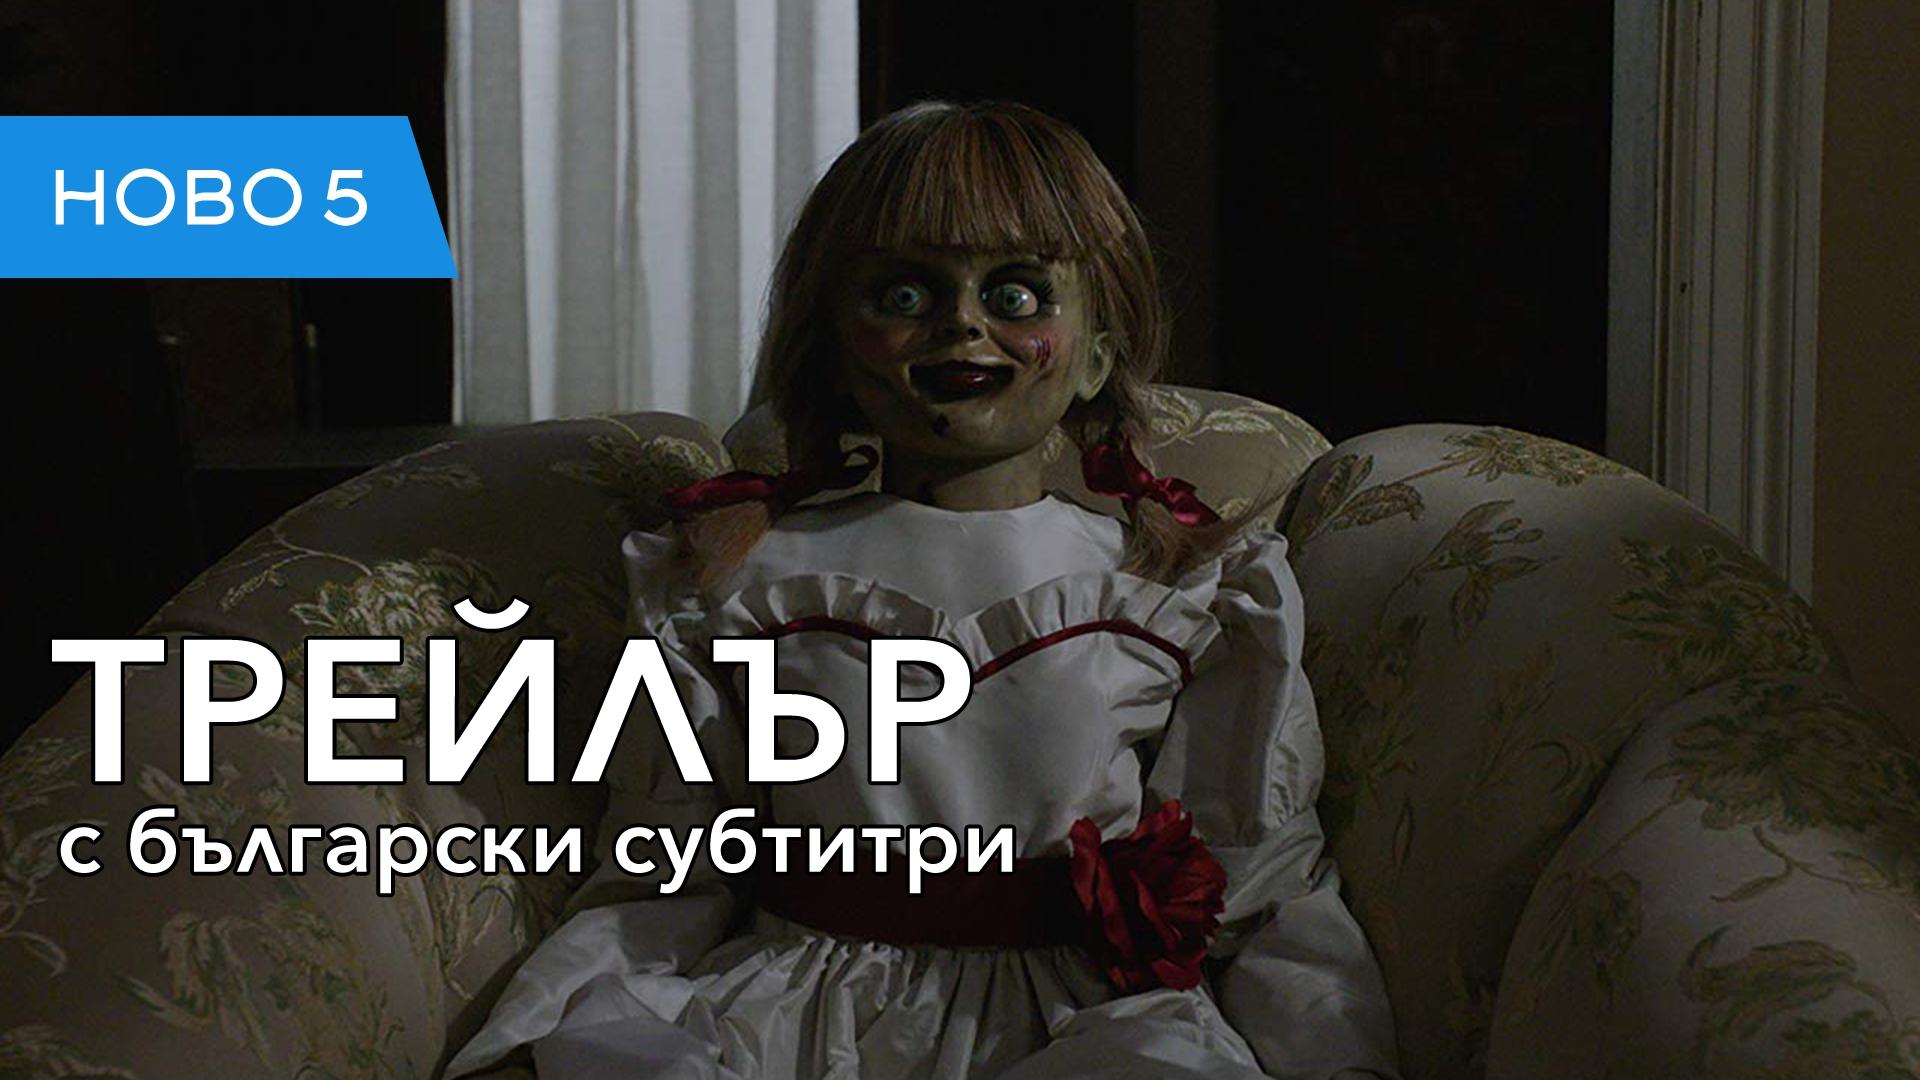 Анабел 3 (2019) трейлър с български субтитри